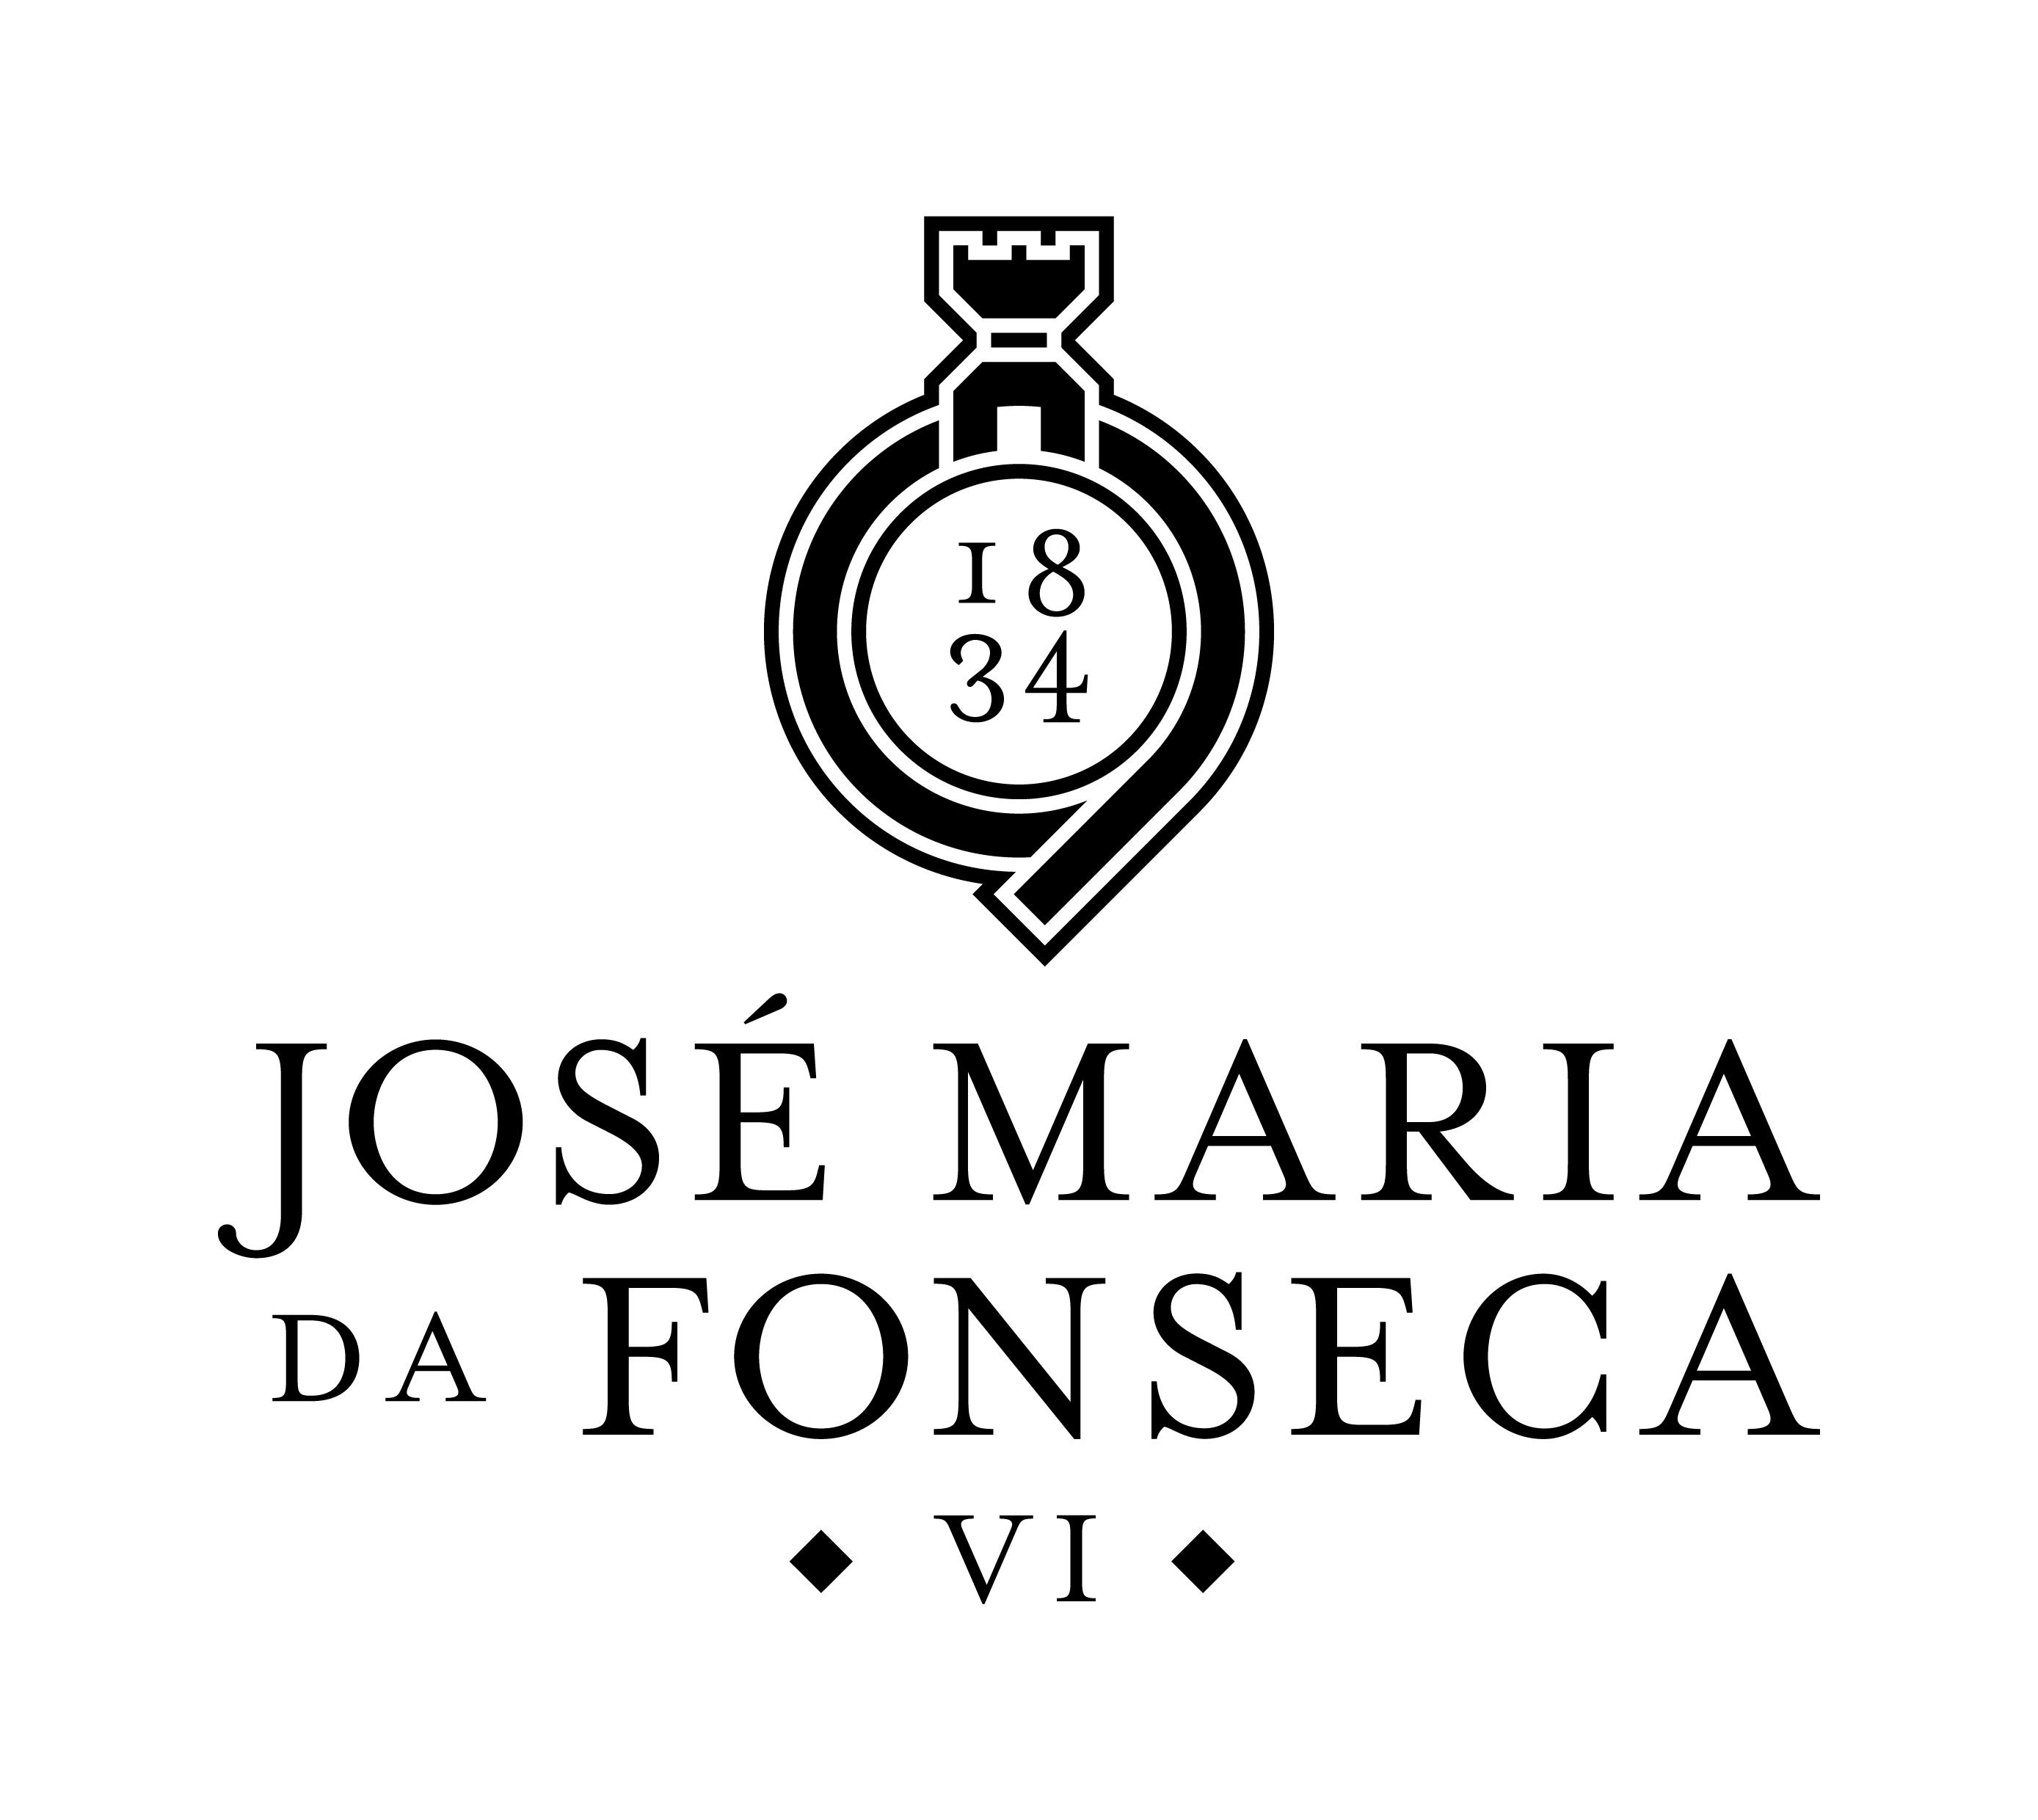 Imprensa - José Maria da Fonseca Vinhos